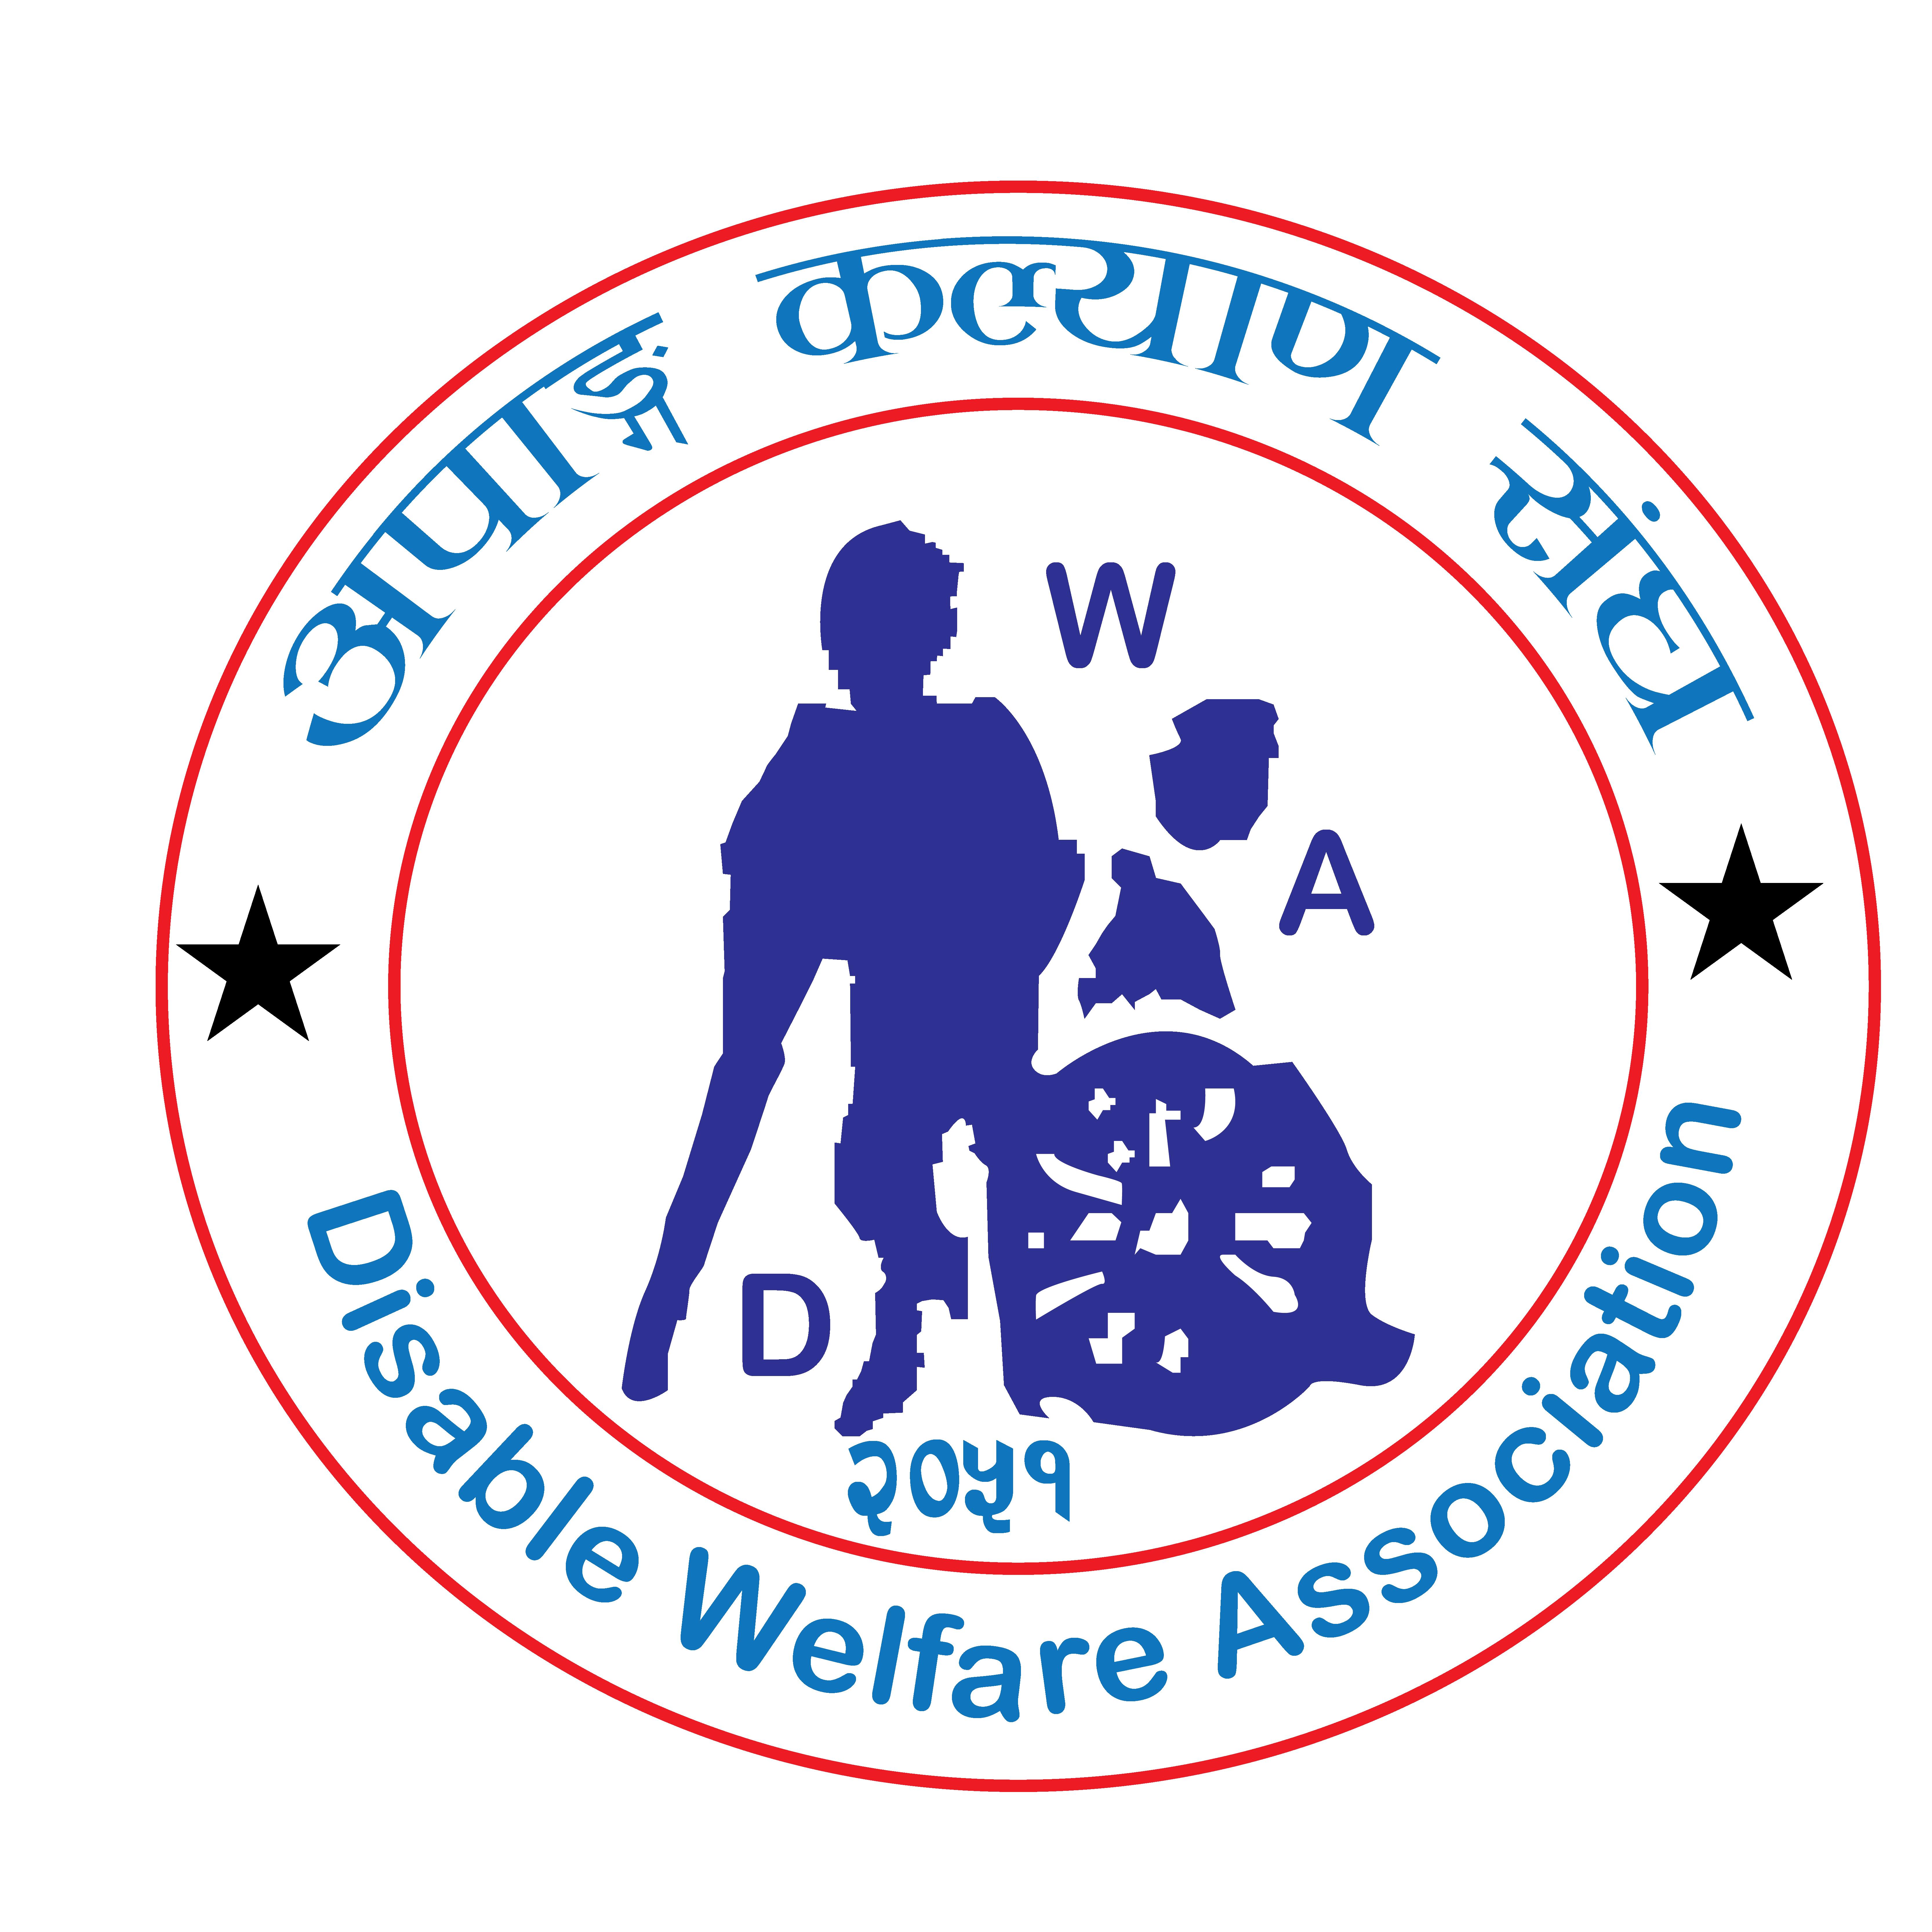 Disable Welfare Association